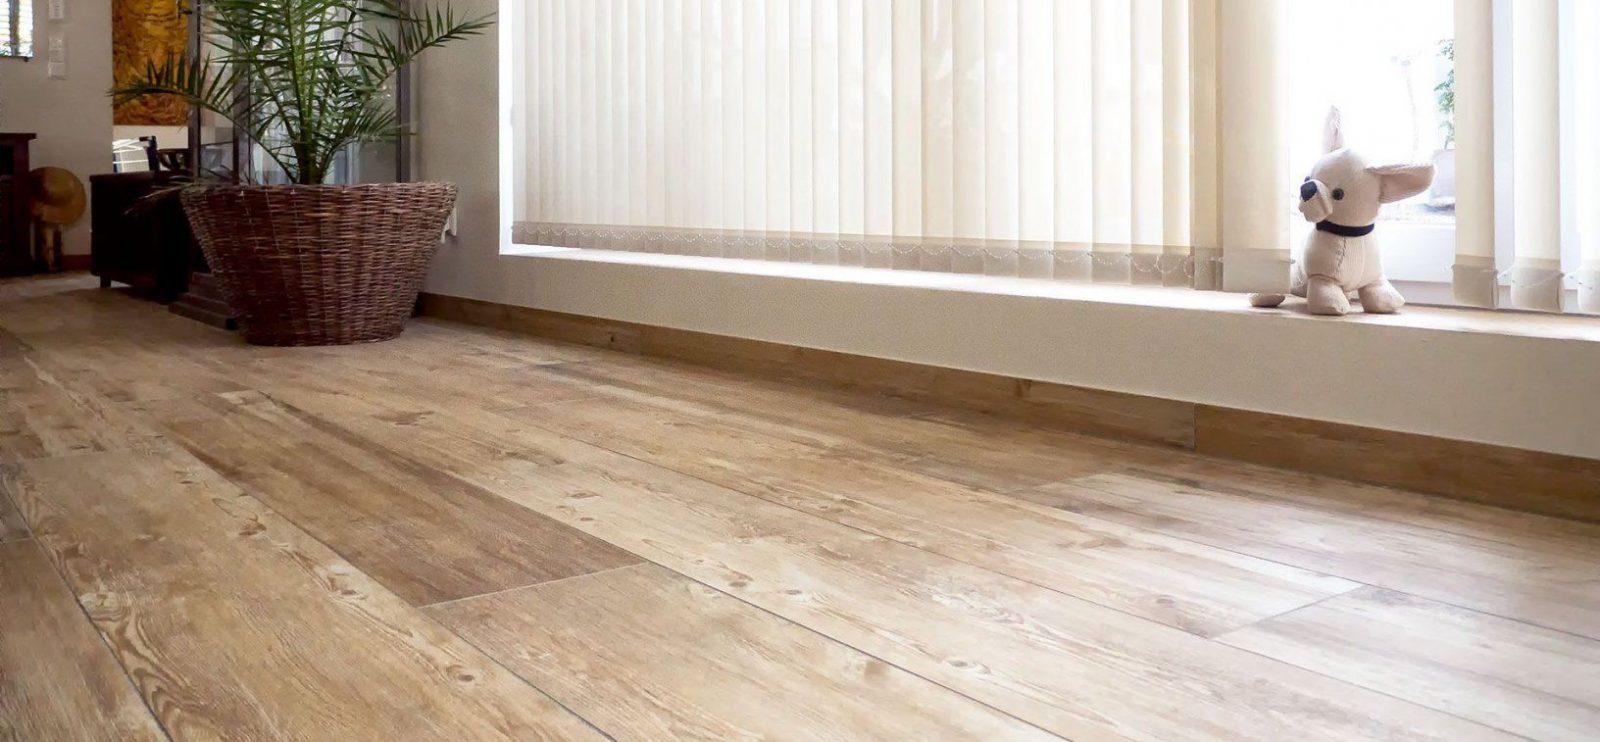 Fliesen In Holzoptik Fliesen Holzoptik Pinterest Interiors Avec von Fliesen Holzoptik Eiche Rustikal Photo